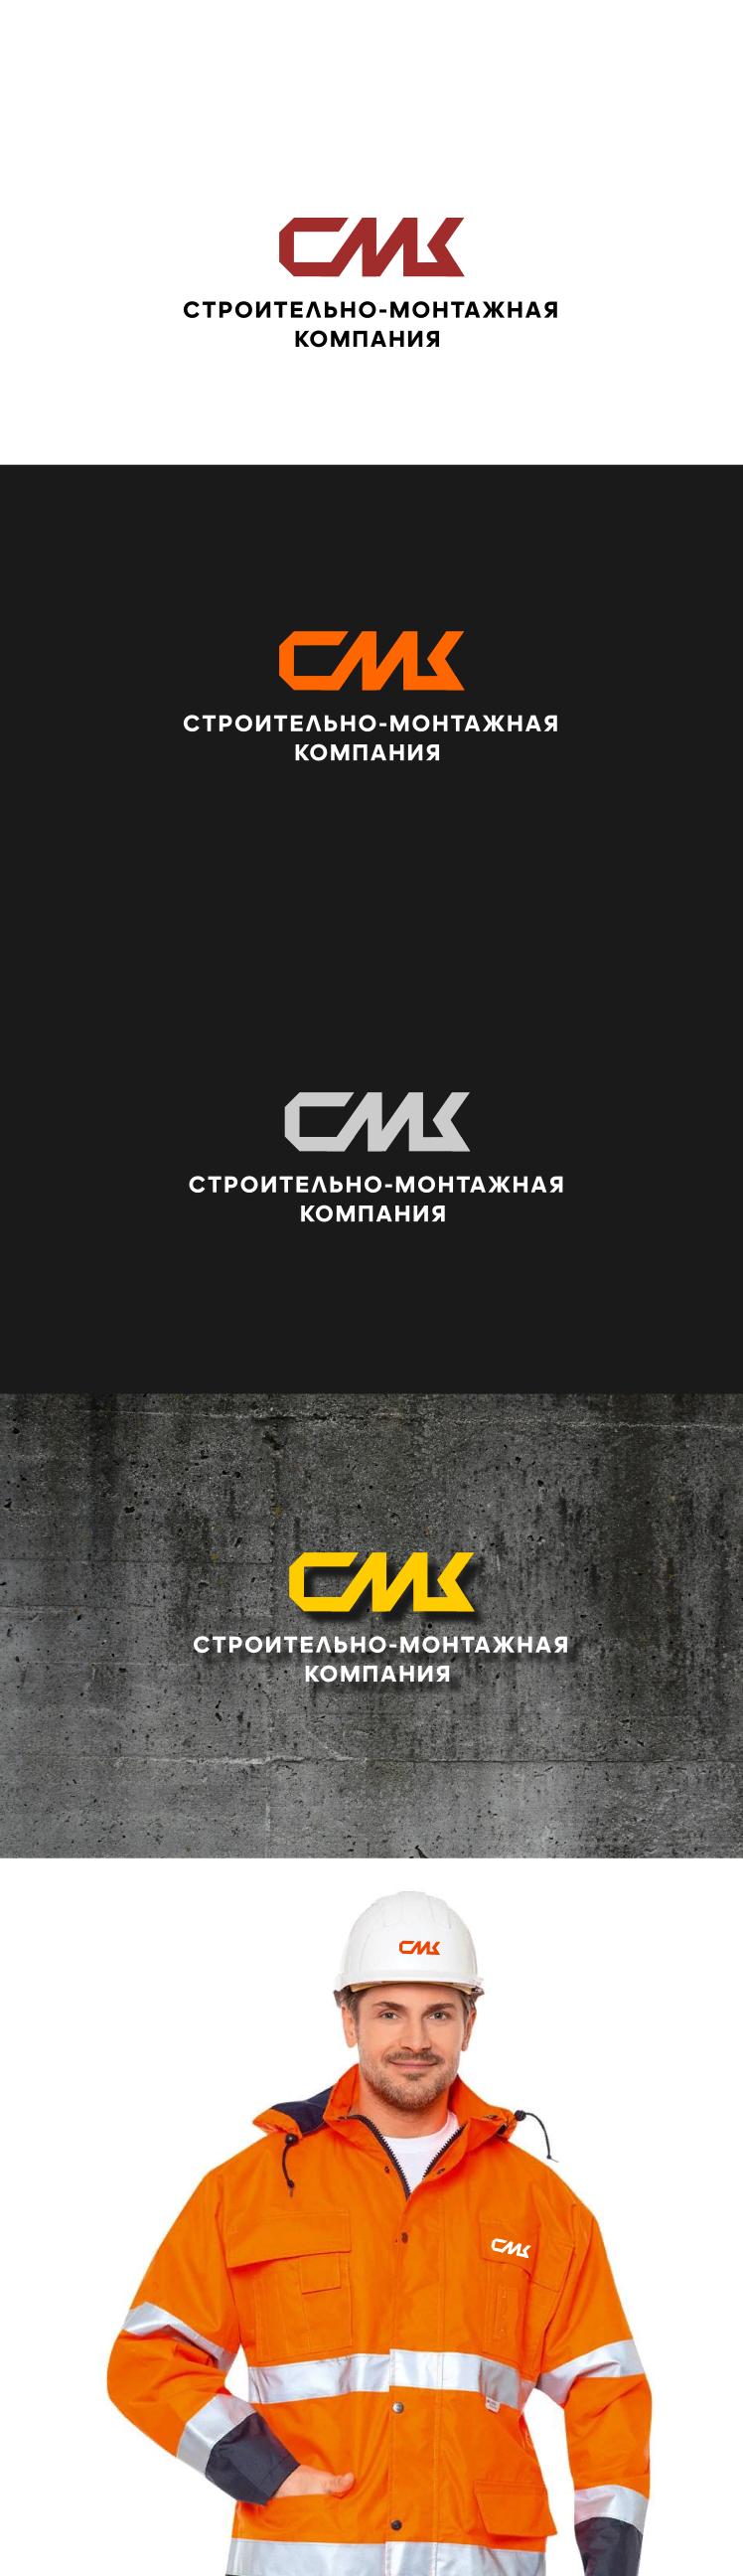 Разработка логотипа компании фото f_3295ddfde1f405d8.png